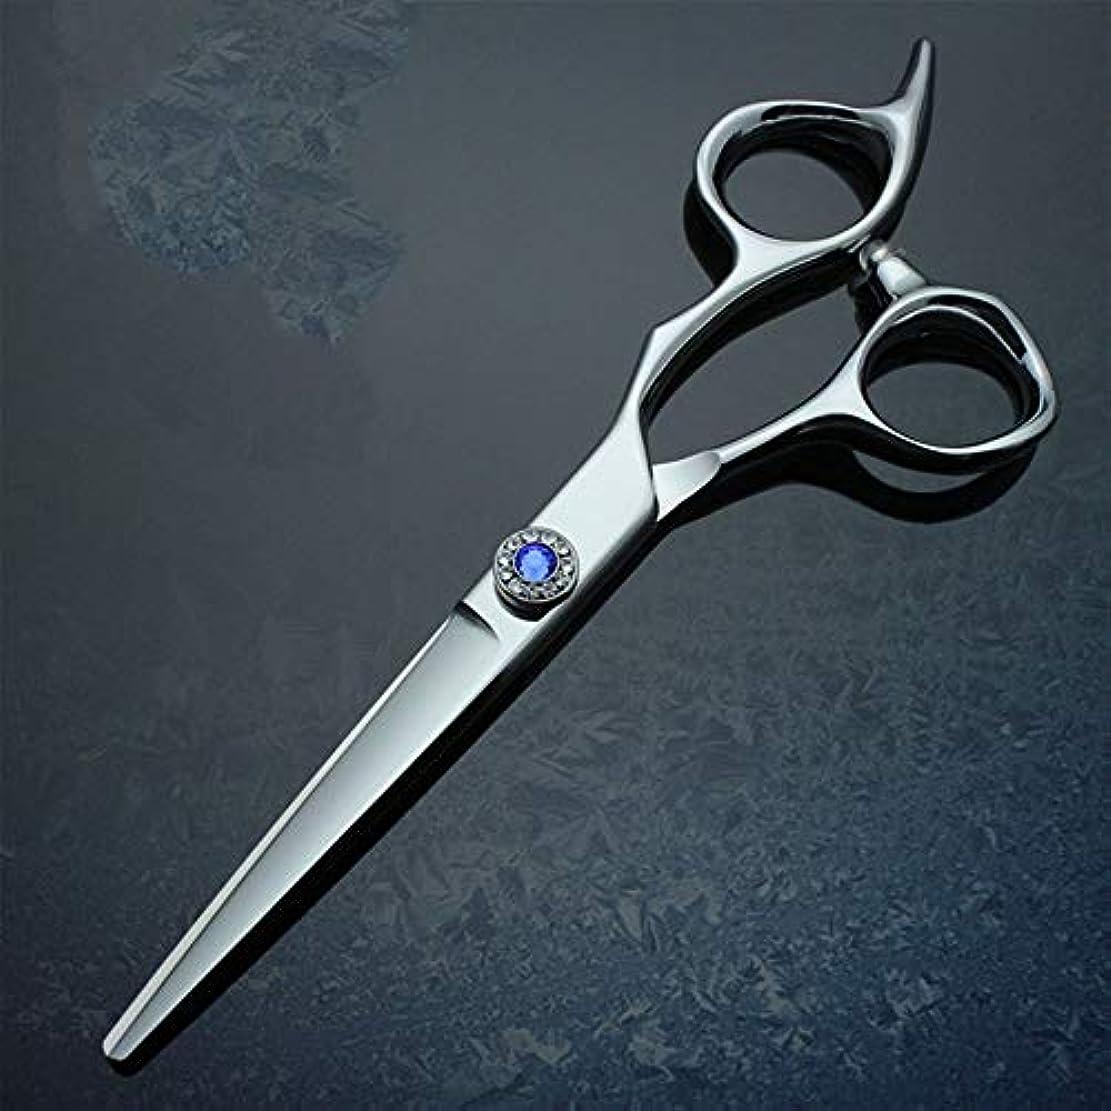 ウェブ論争ルーフ理髪用はさみ 6インチ440 cプロフェッショナルハイグレード厚いハンドル理髪はさみフラットシアーヘアカットシザーステンレス理髪はさみ (色 : 青)